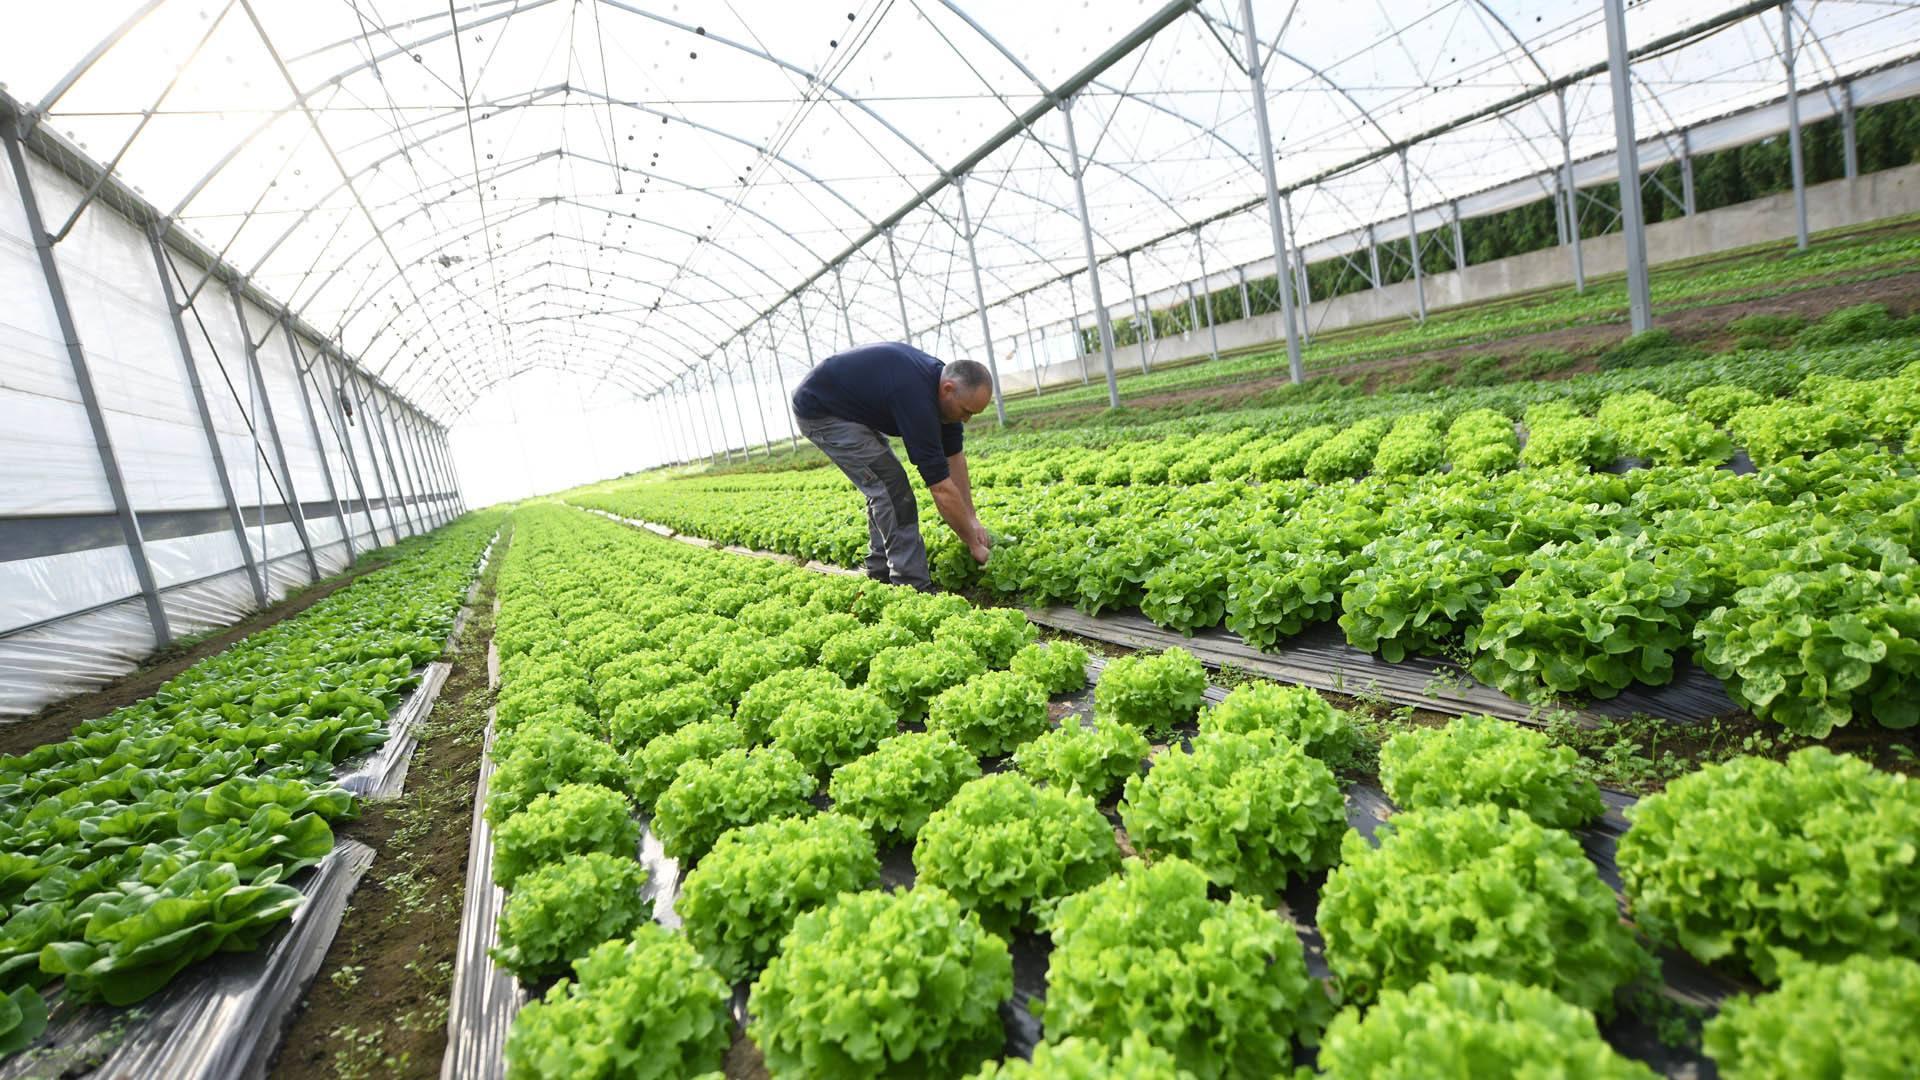 Zimmersheim un distributeur automatique pour la ferme Fischer : des achats en toute autonomie : des produits frais aux saveurs incomparables